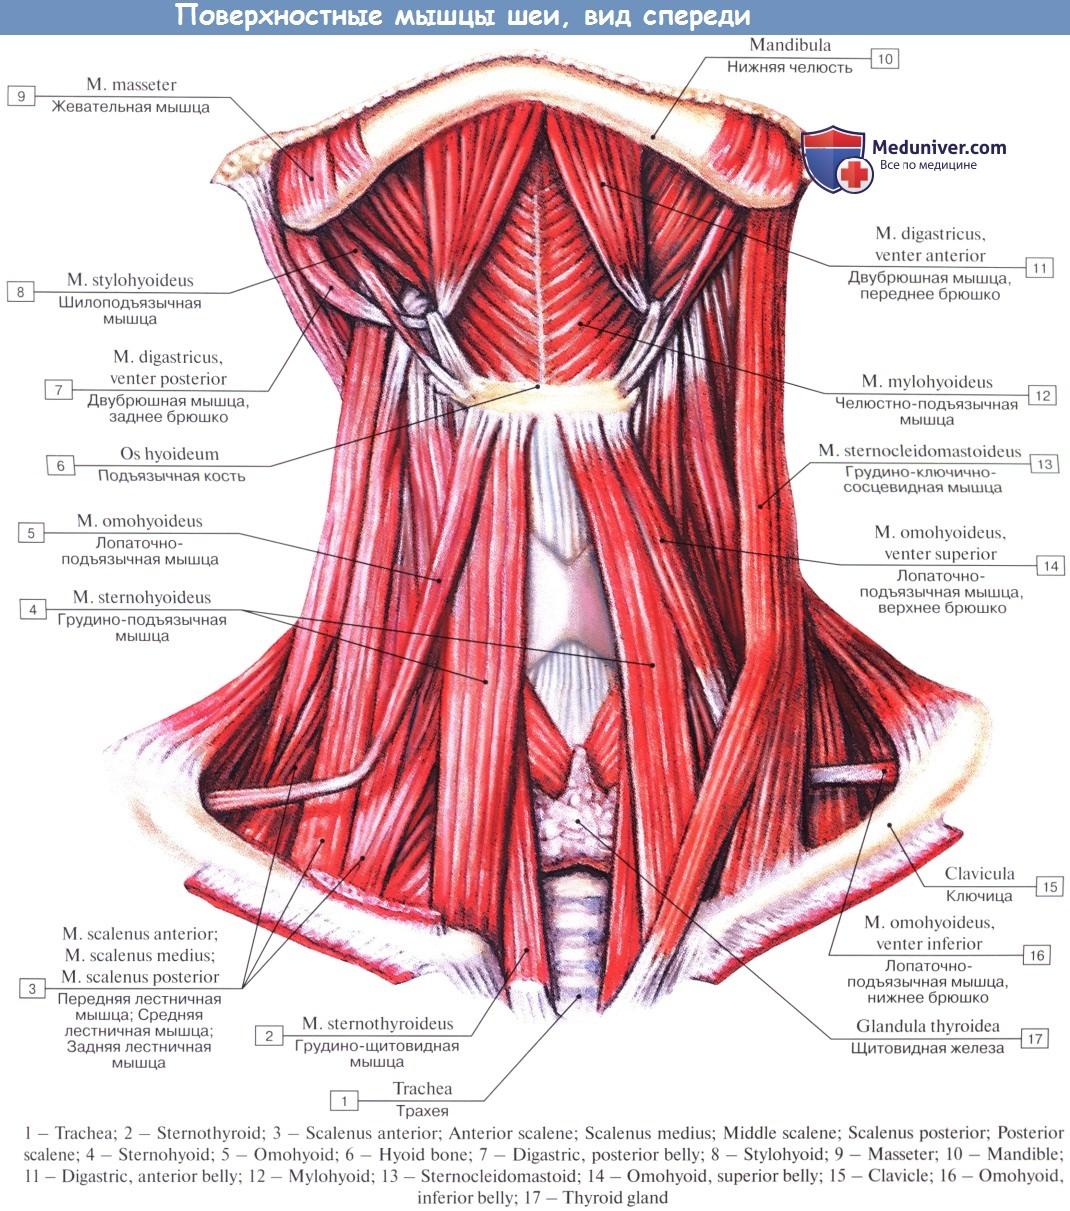 мышцы шеи фото с описанием и схемами картинки